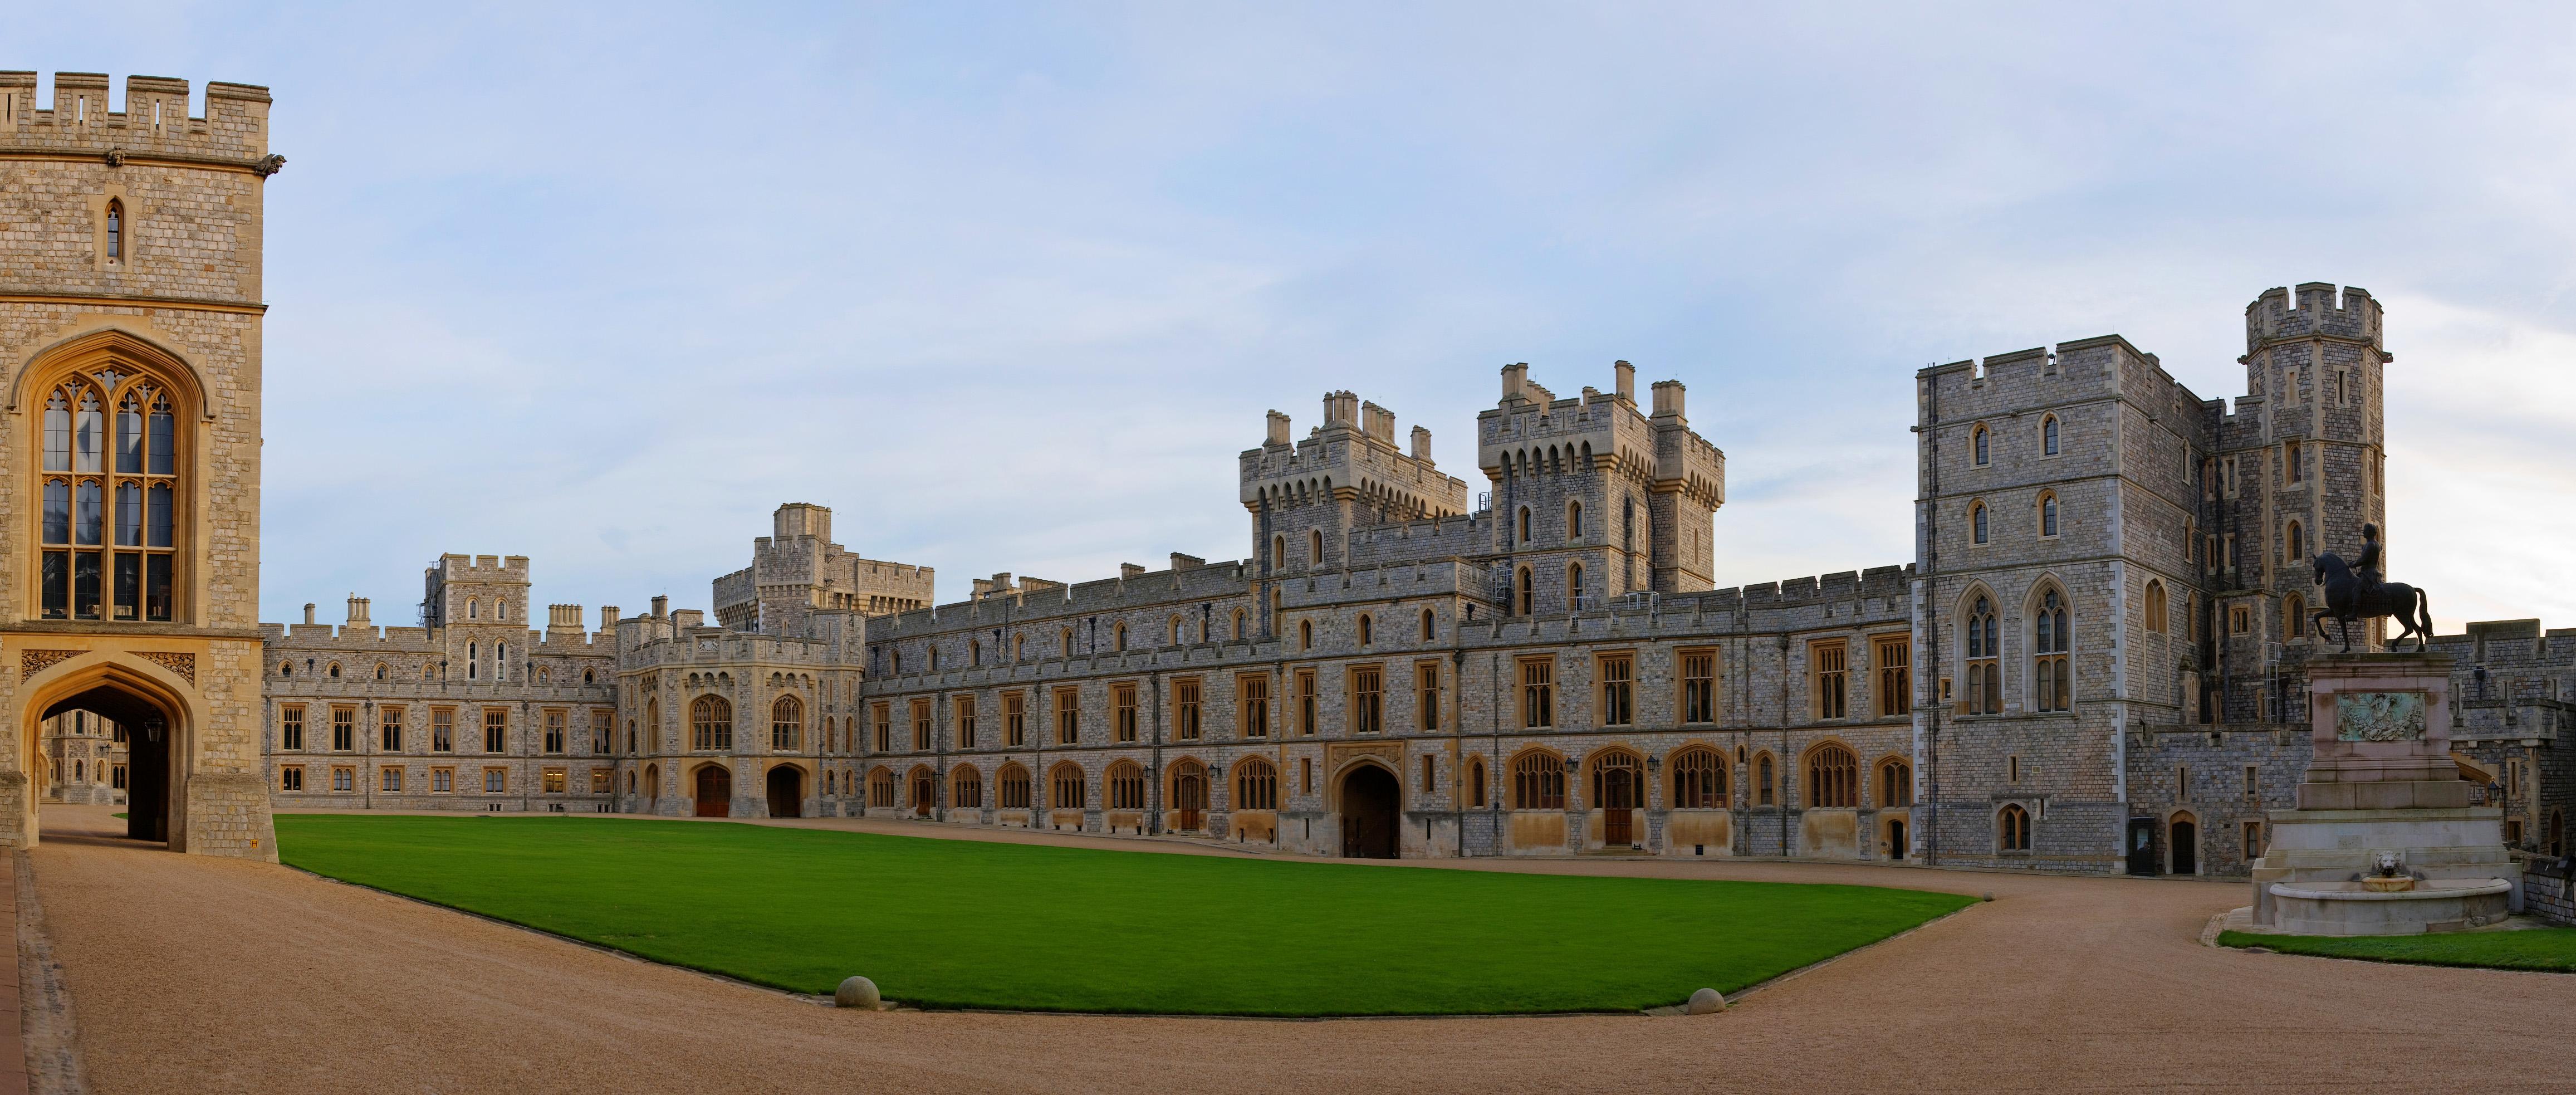 Castelo de Windsor Windsor Castle  Londres com Marilia Buckeridge